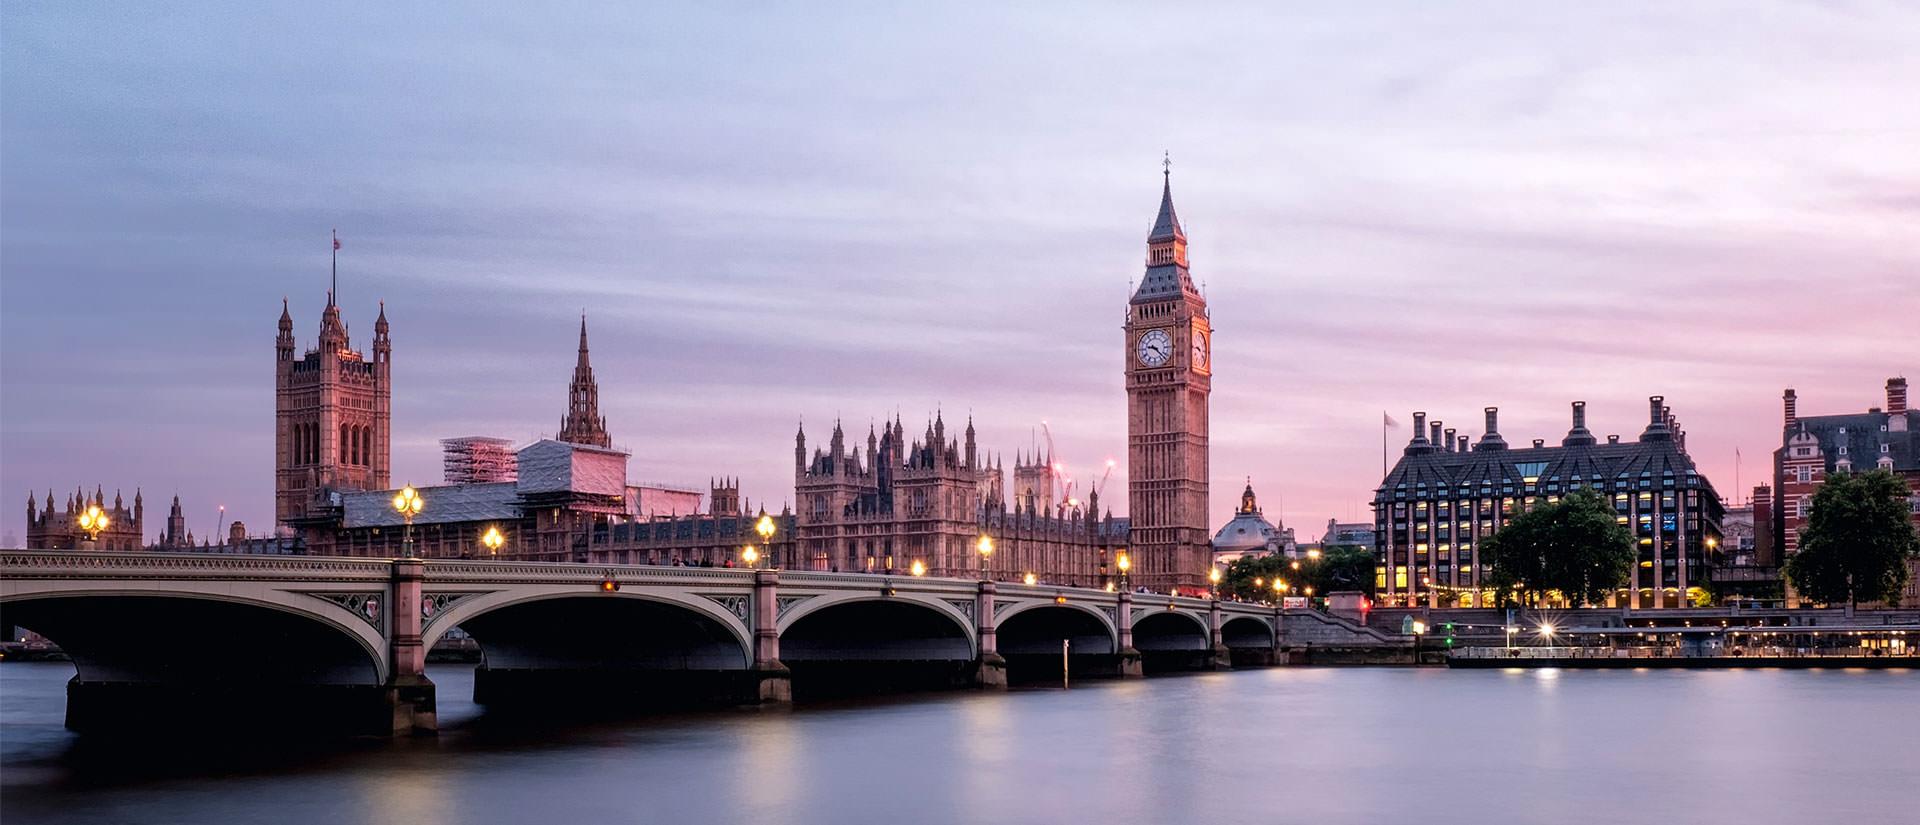 טיול מאורגן לאנגליה עם החברה הגיאוגרפית